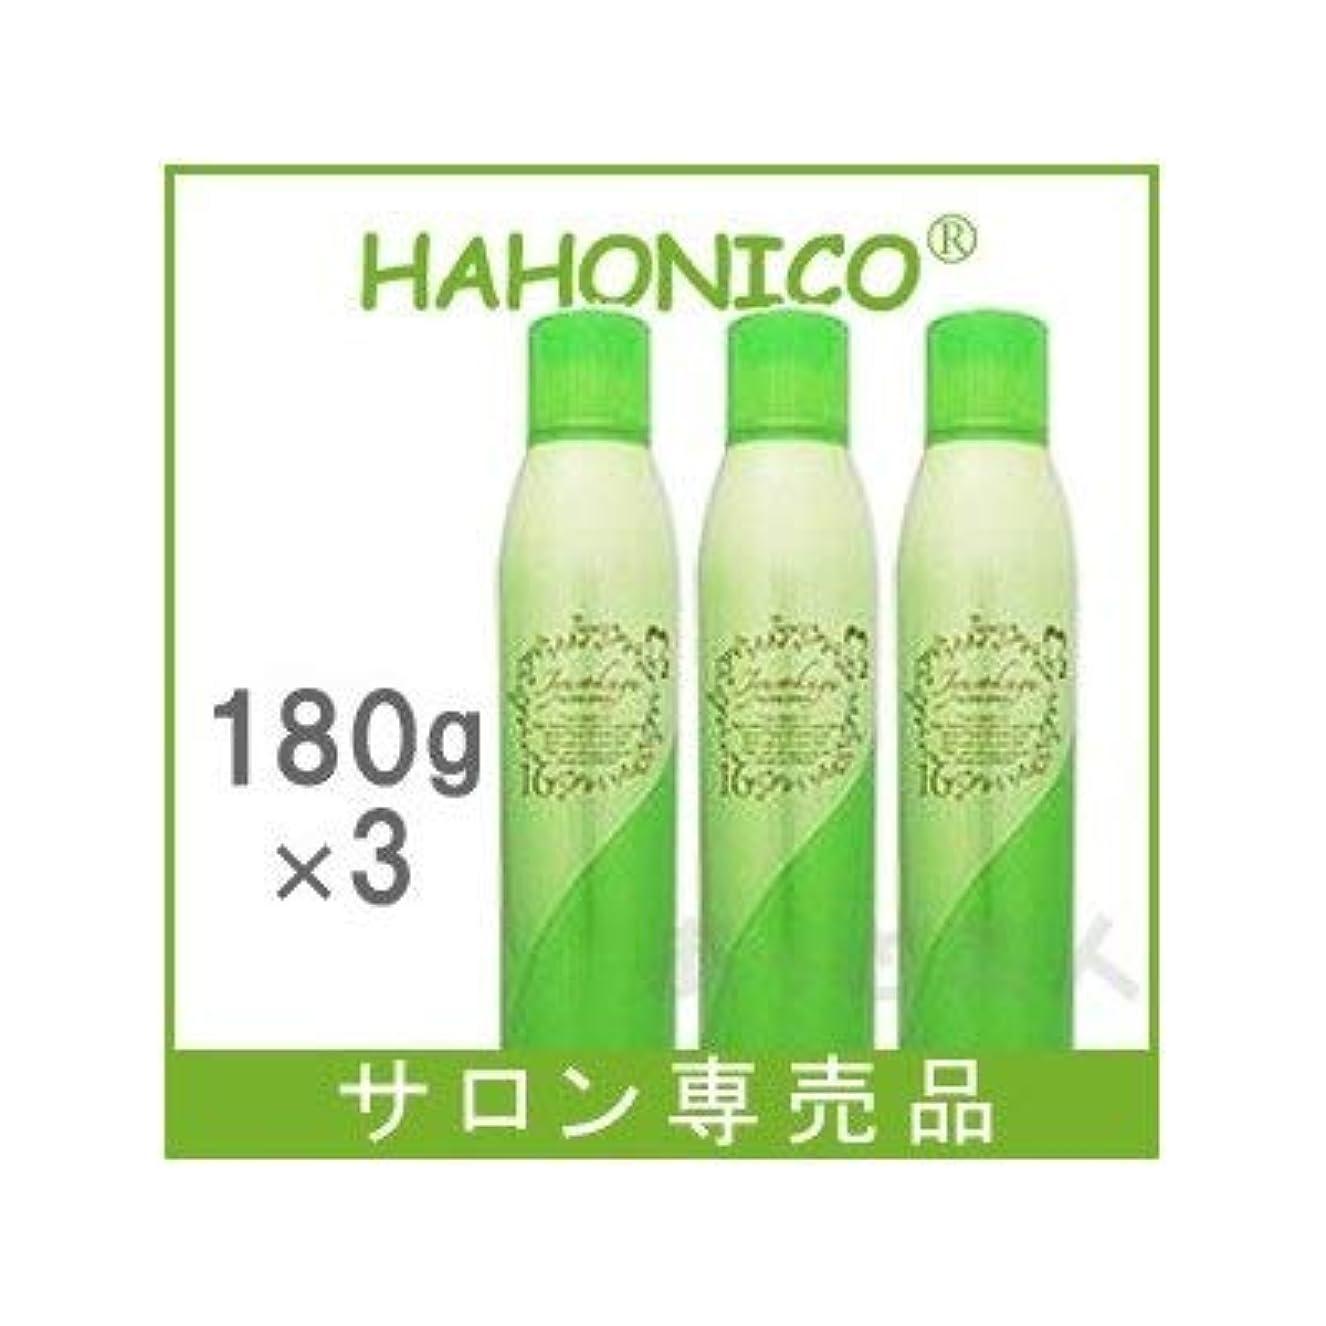 アルコール戦士恐ろしいです【X3個セット】 ハホニコ ジュウロクユ ツヤスプレー 180g 十六油 HAHONICO